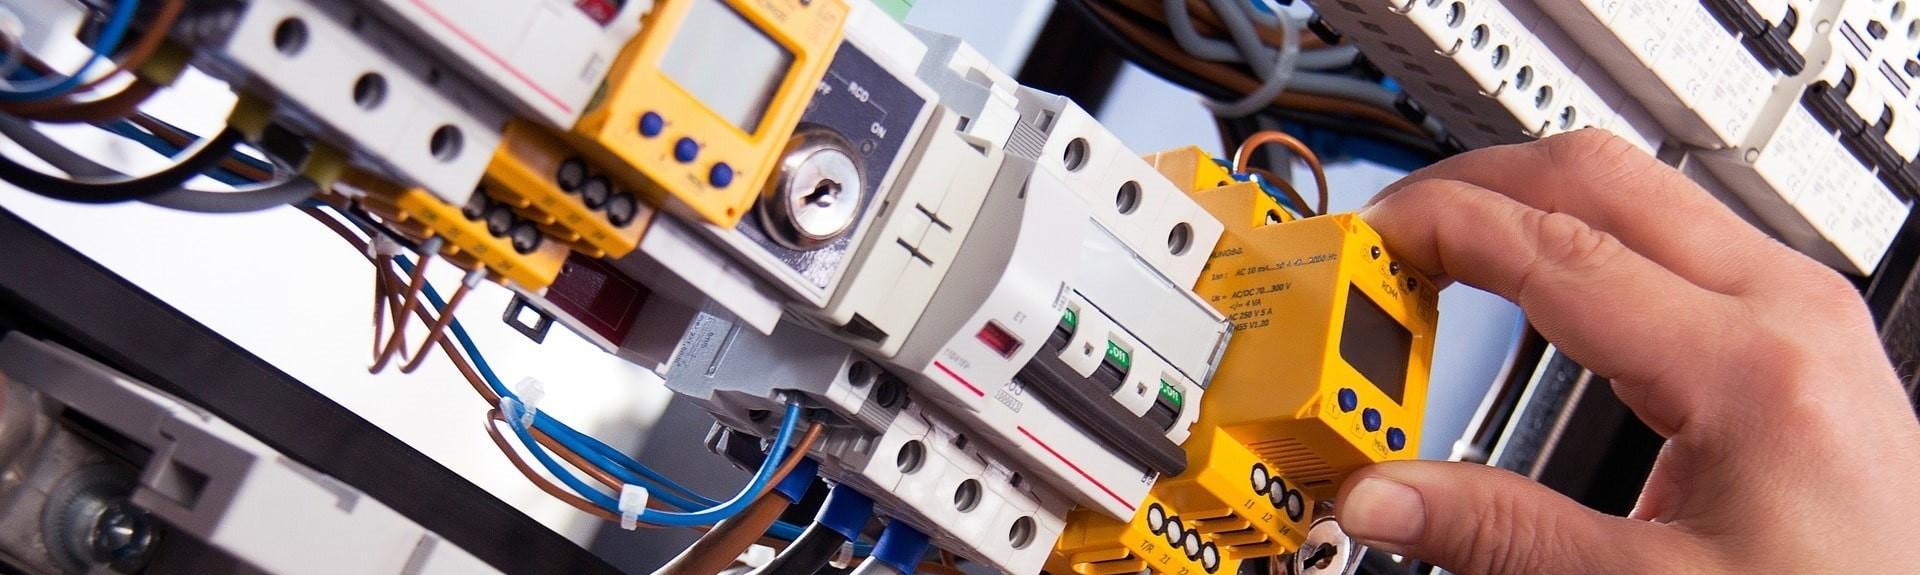 Electricité Générale MEN - électricien - wazaa